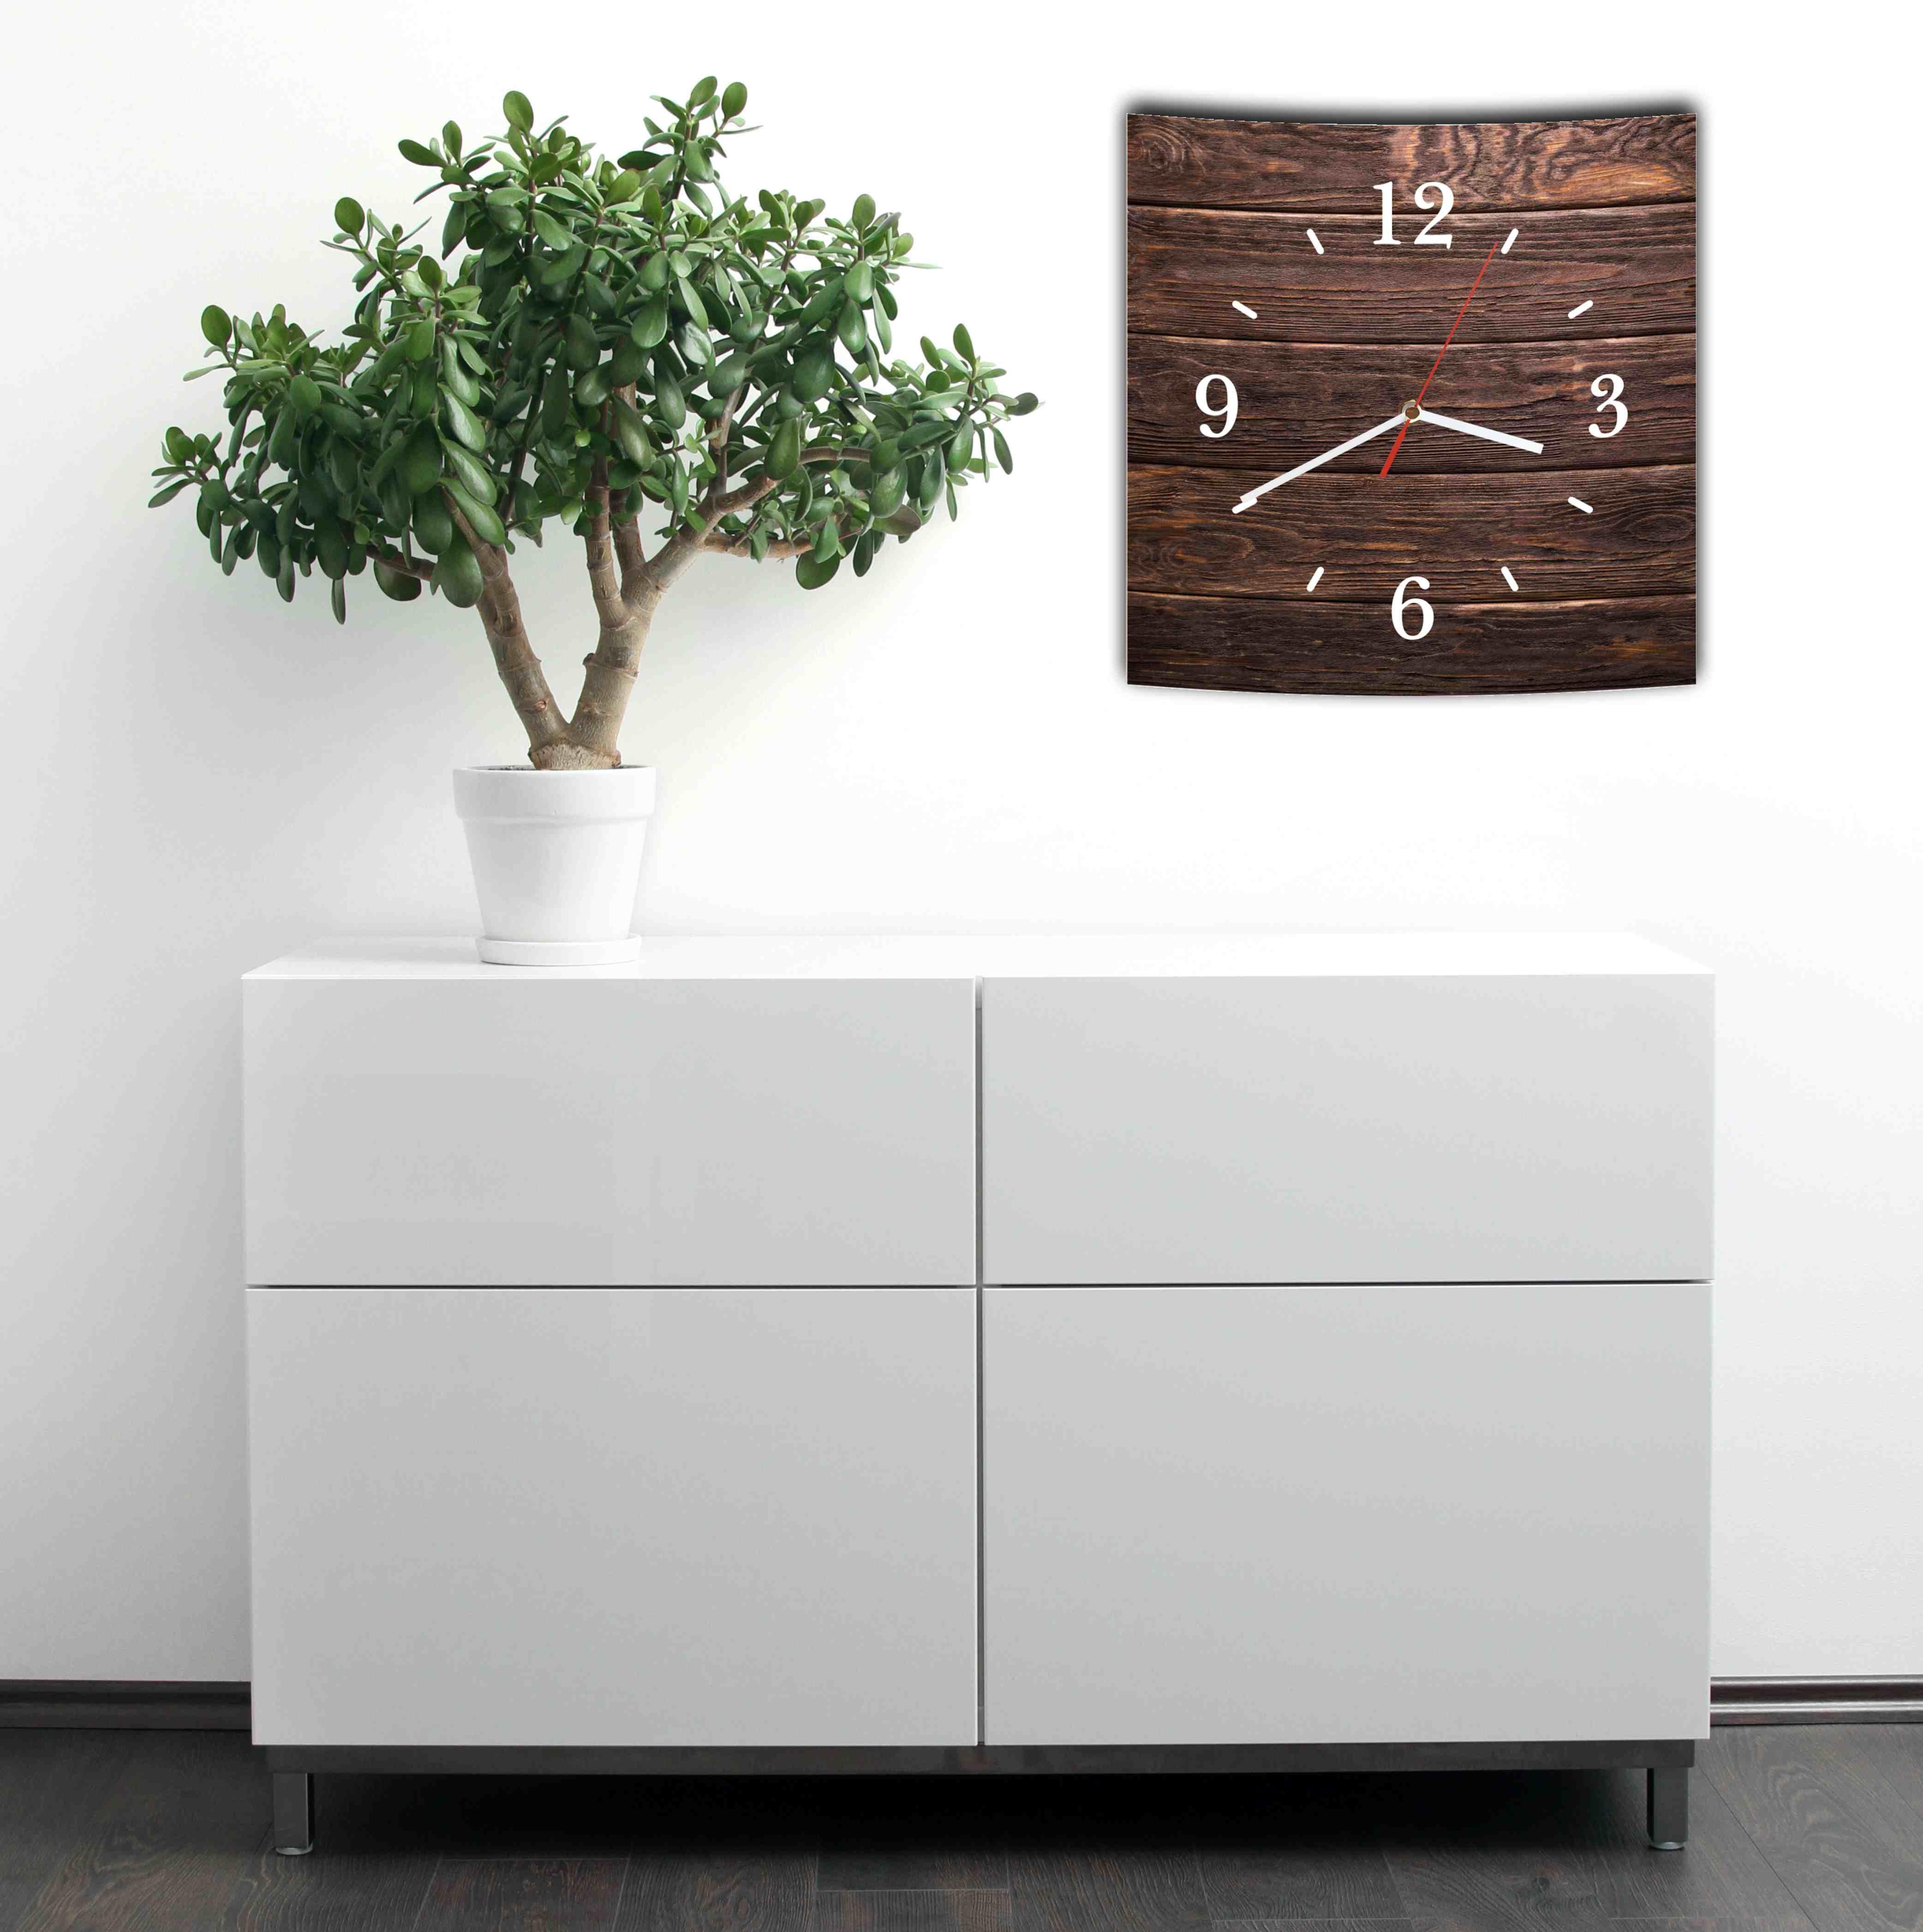 lautlose designer wanduhr mit spruch holz bretter optik. Black Bedroom Furniture Sets. Home Design Ideas